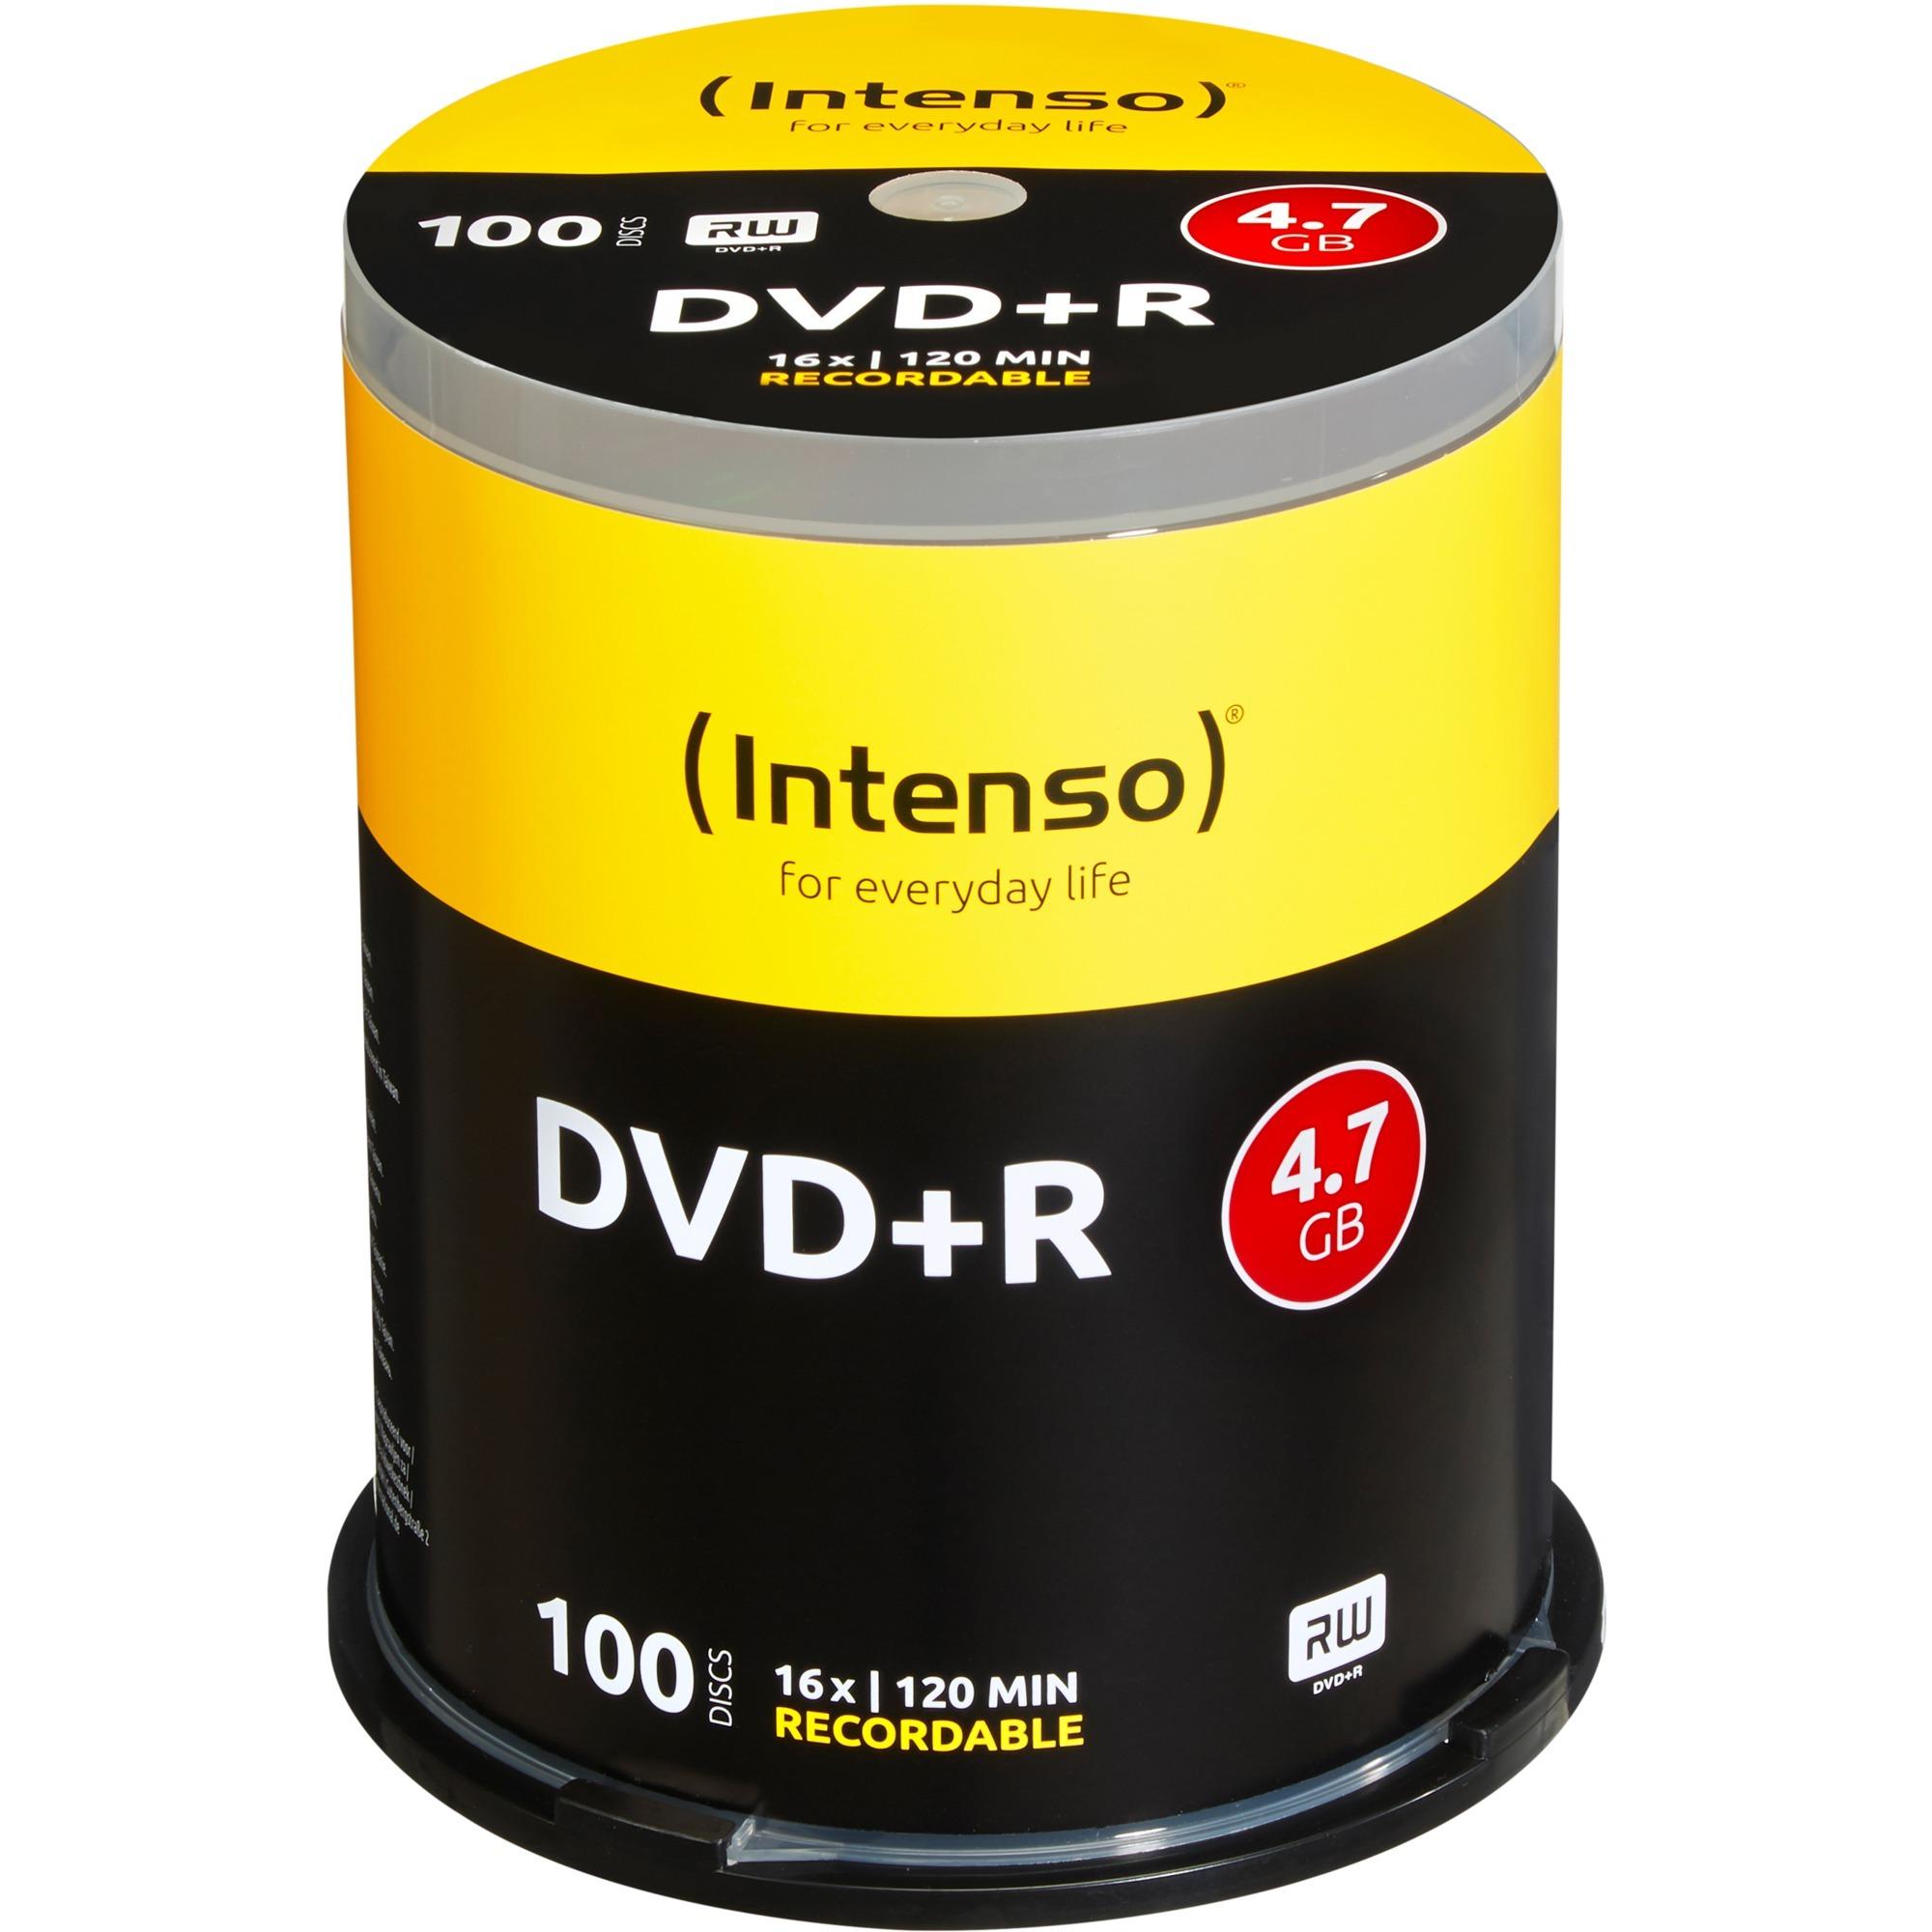 dvdr-47-dvd-tomme-medier